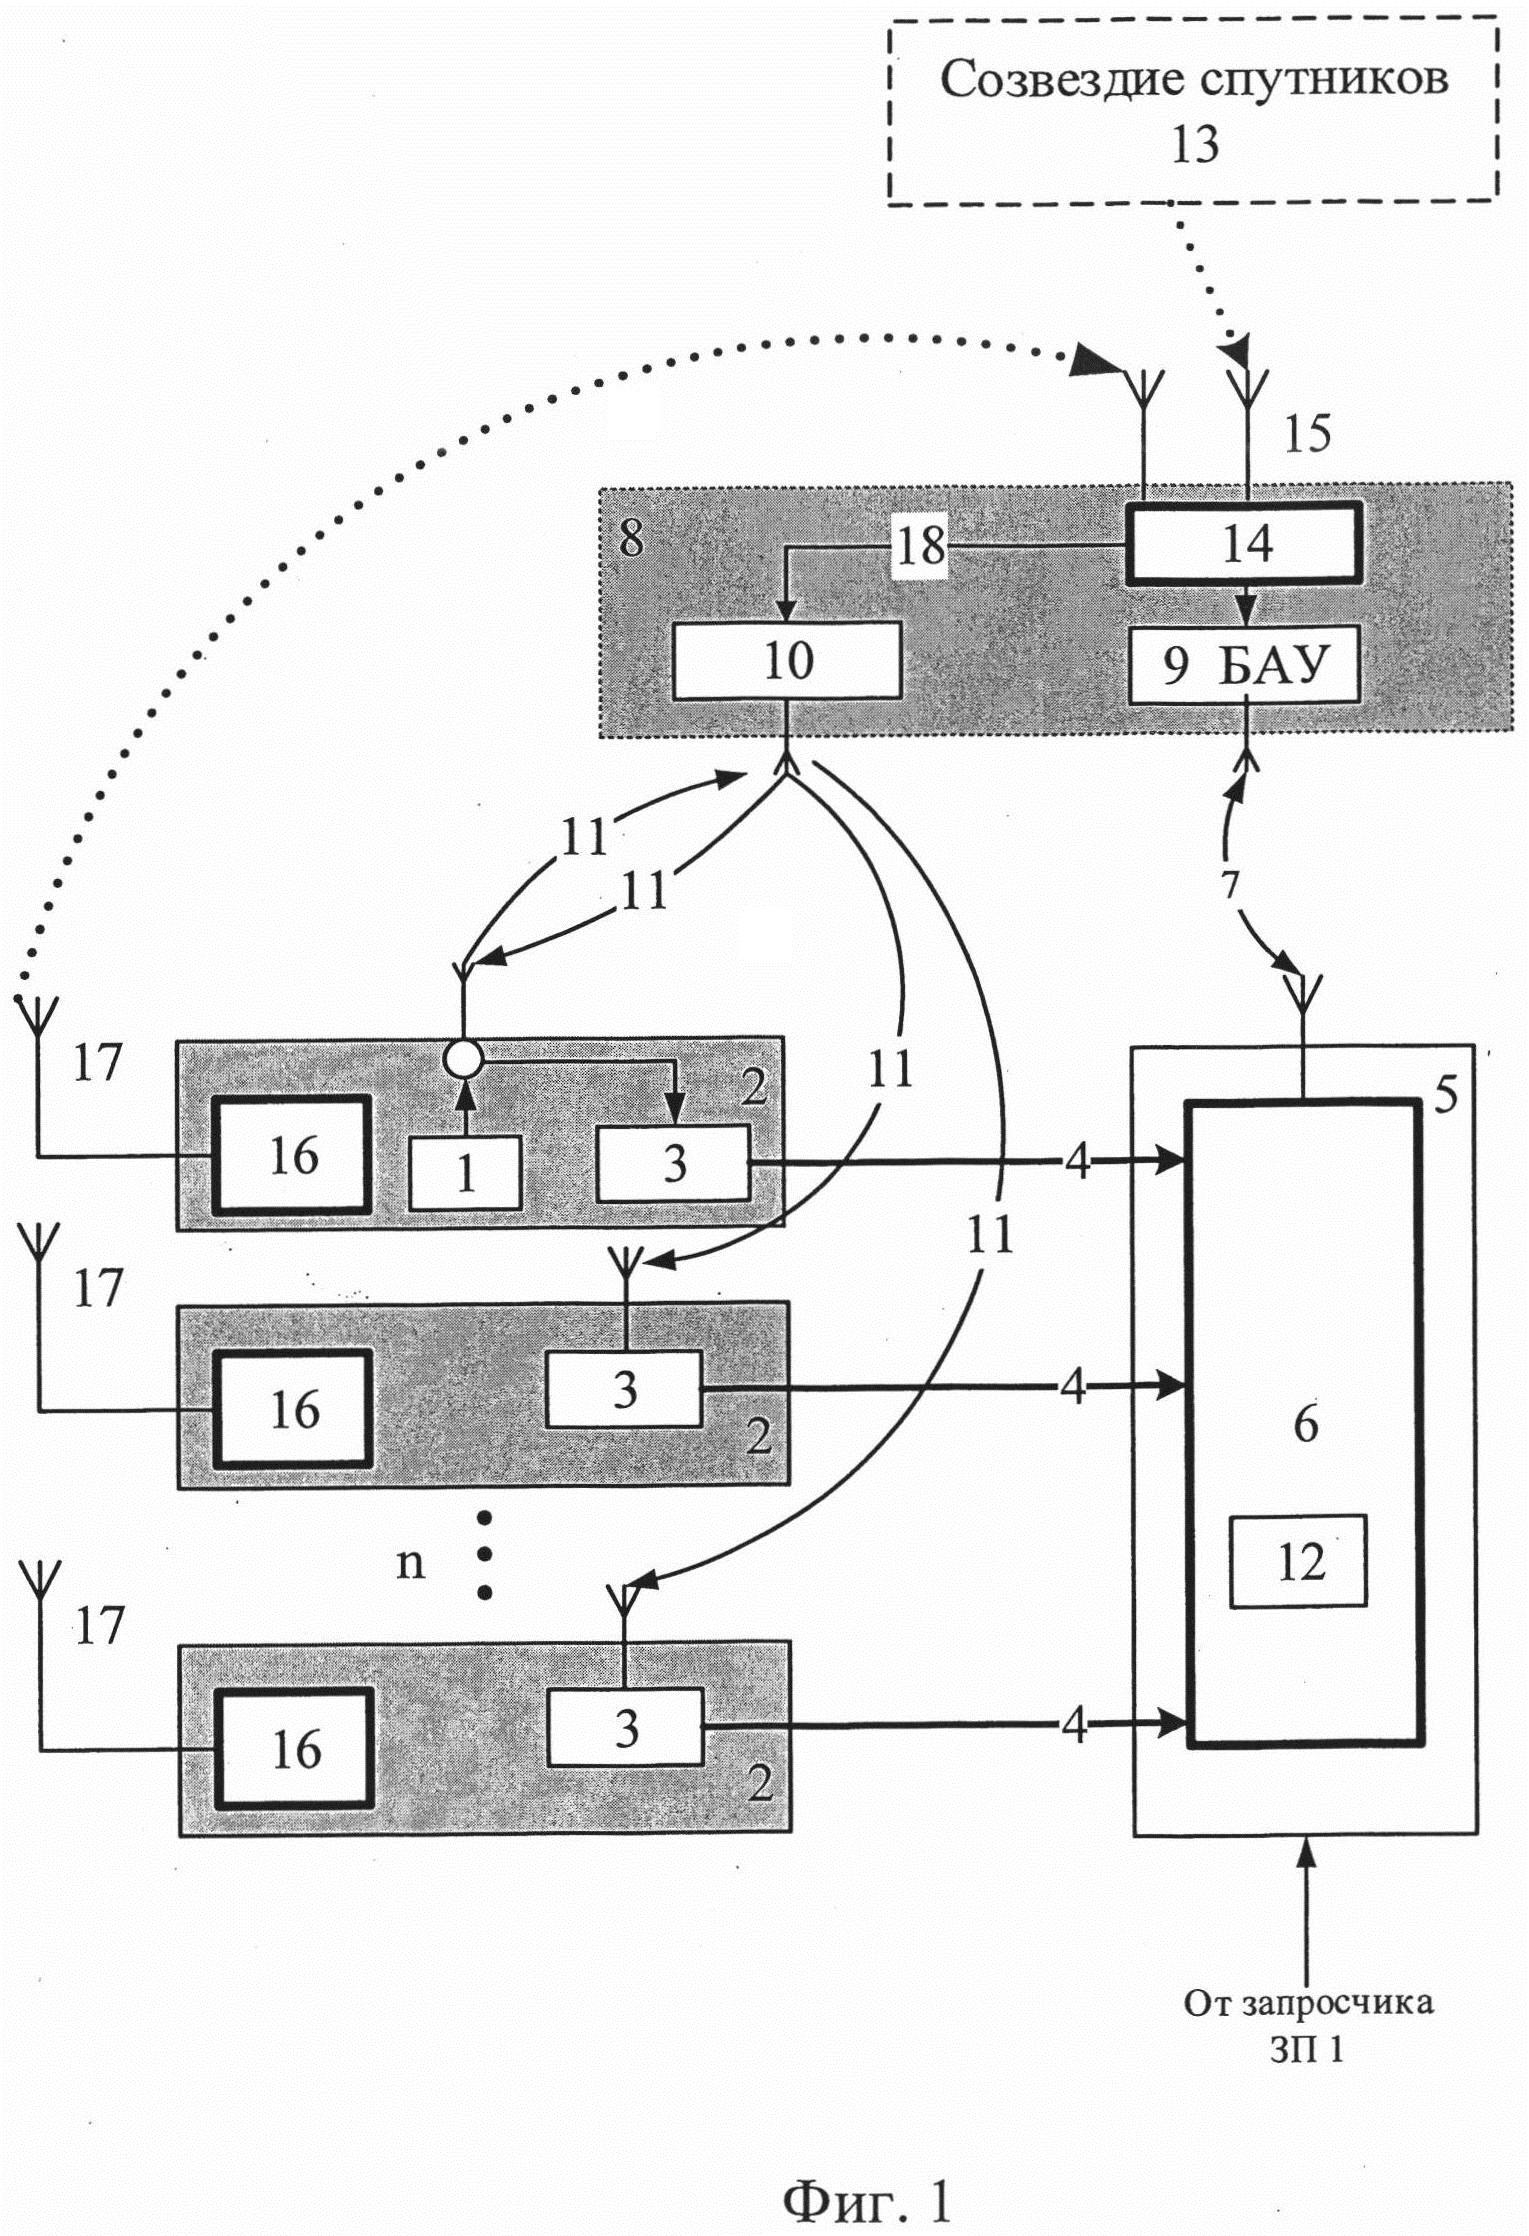 Многопозиционная система посадки летательных аппаратов